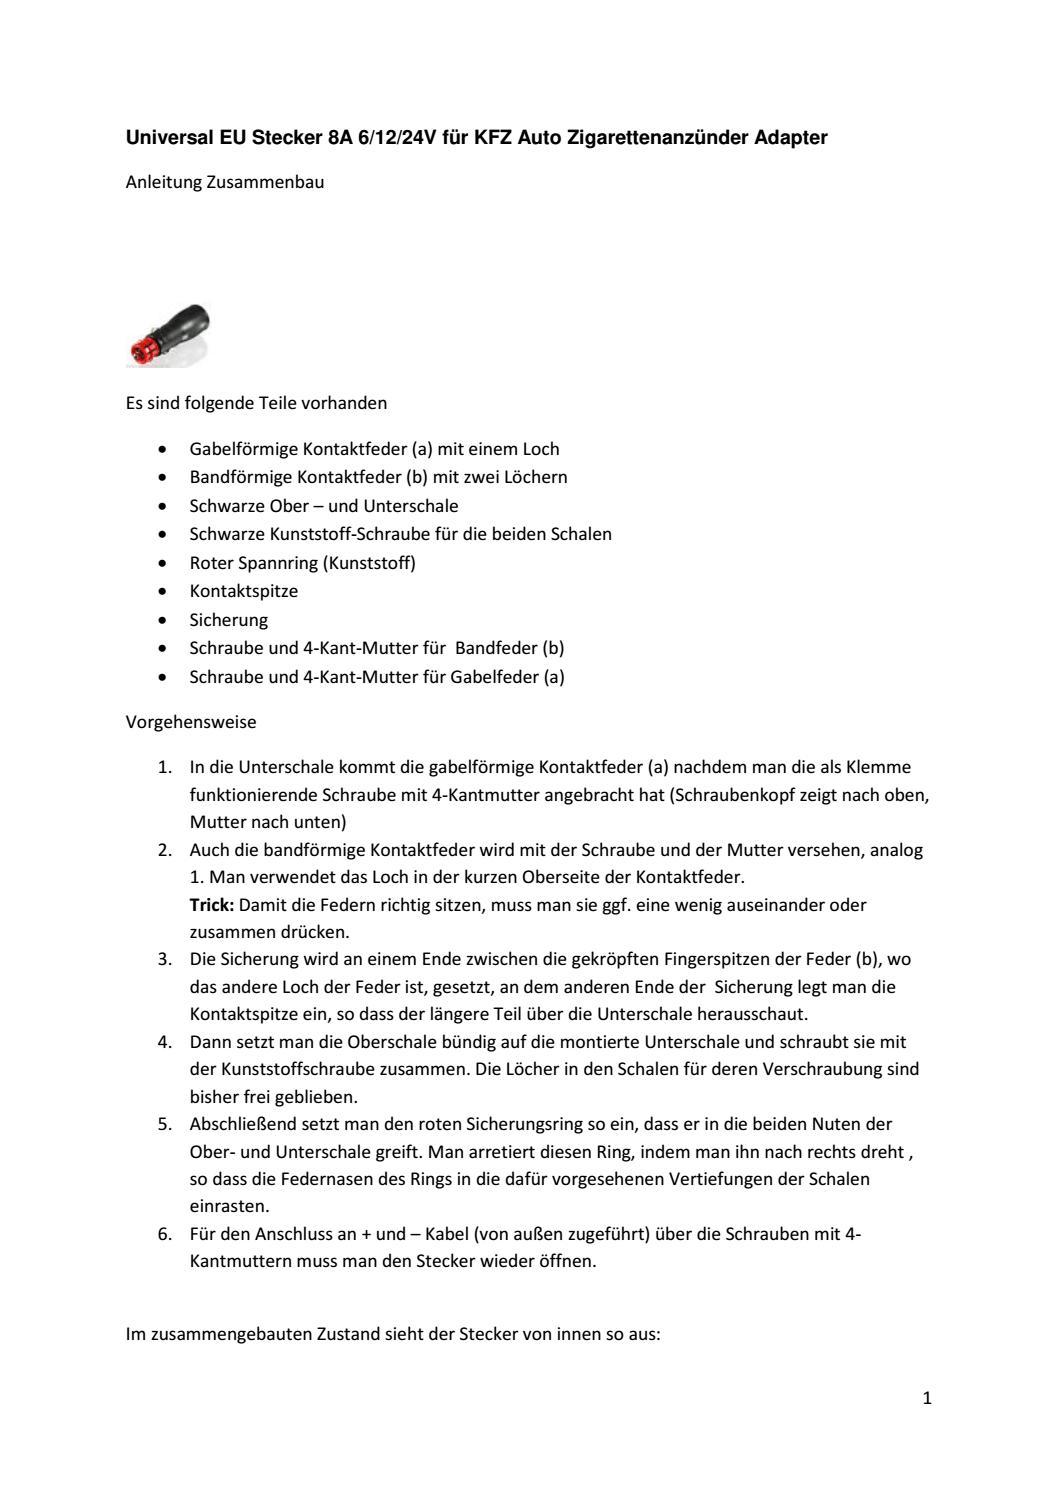 Super Anleitung Zusammenbau Kfz-Stecker by Kruis Klaus - issuu CW52